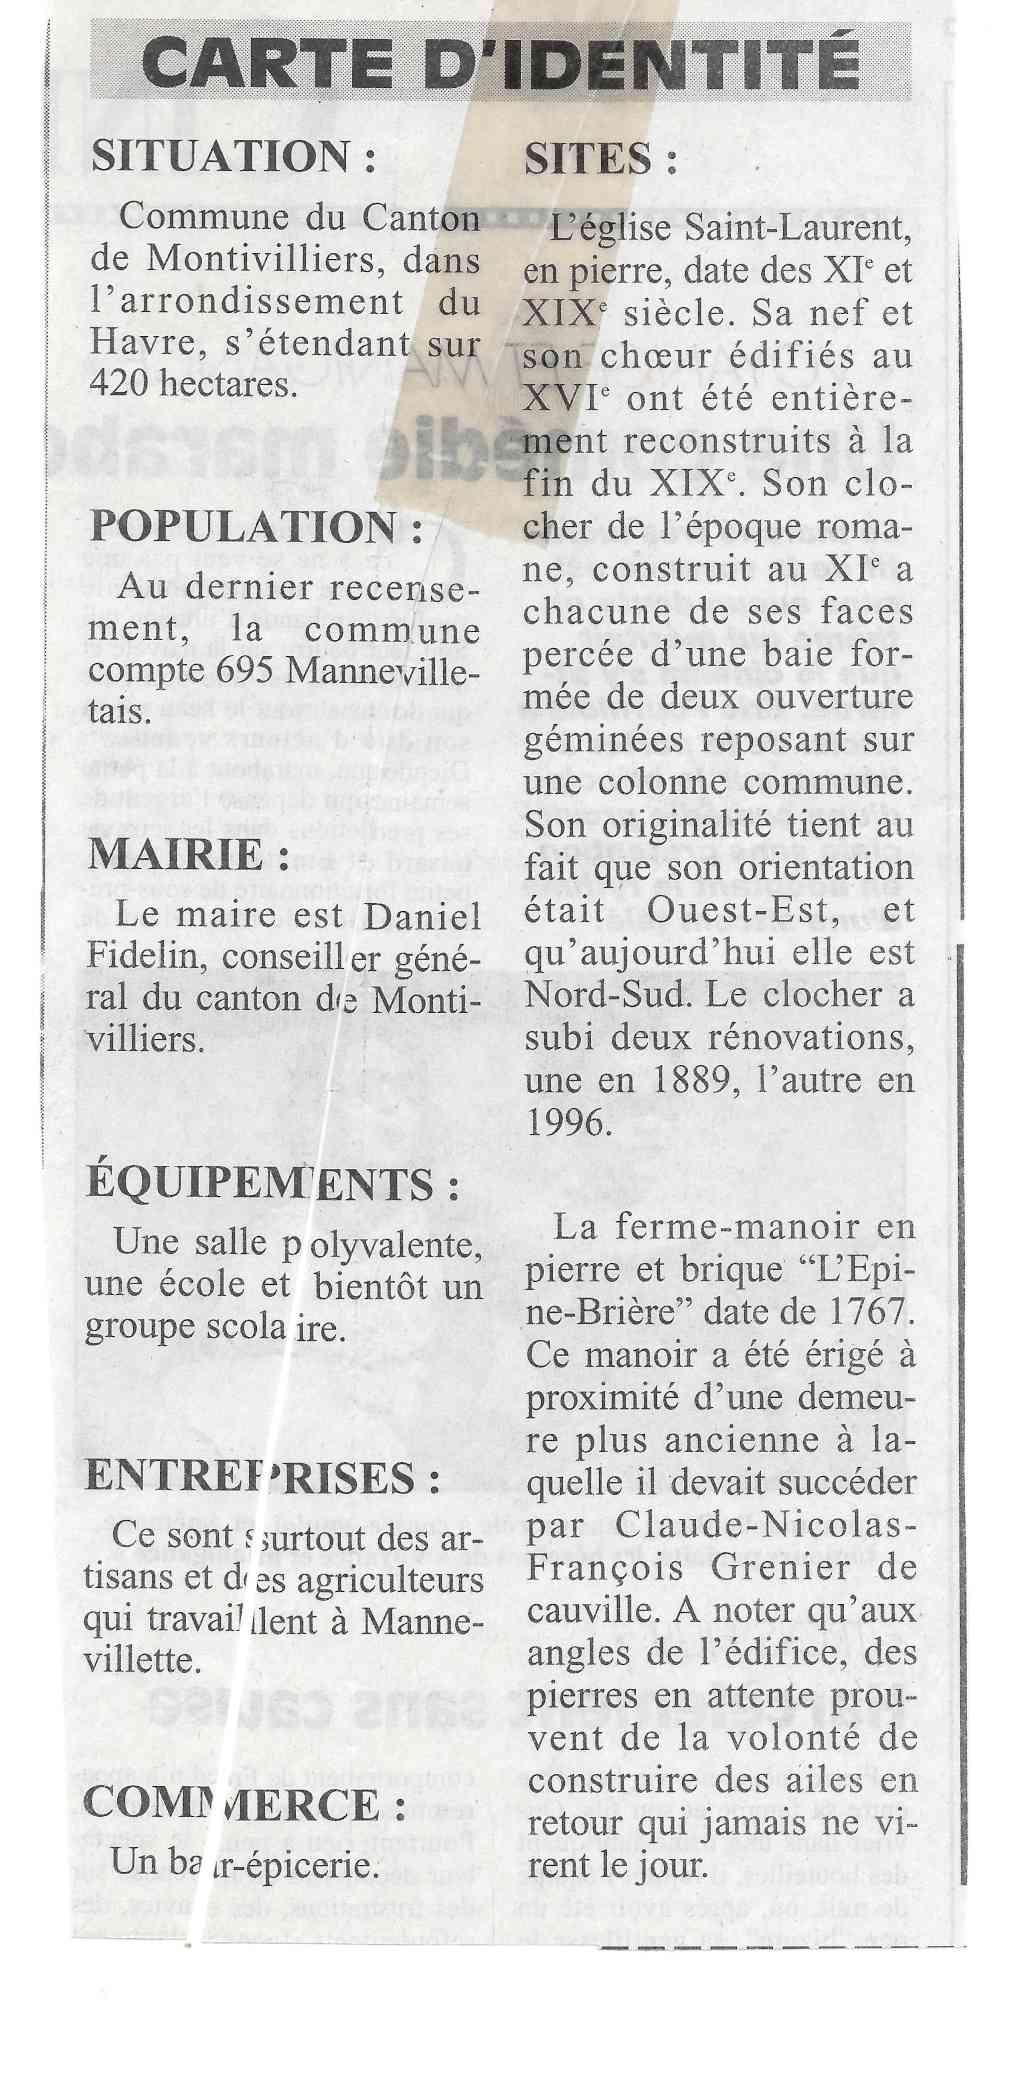 Histoire des communes - Mannevillette 414